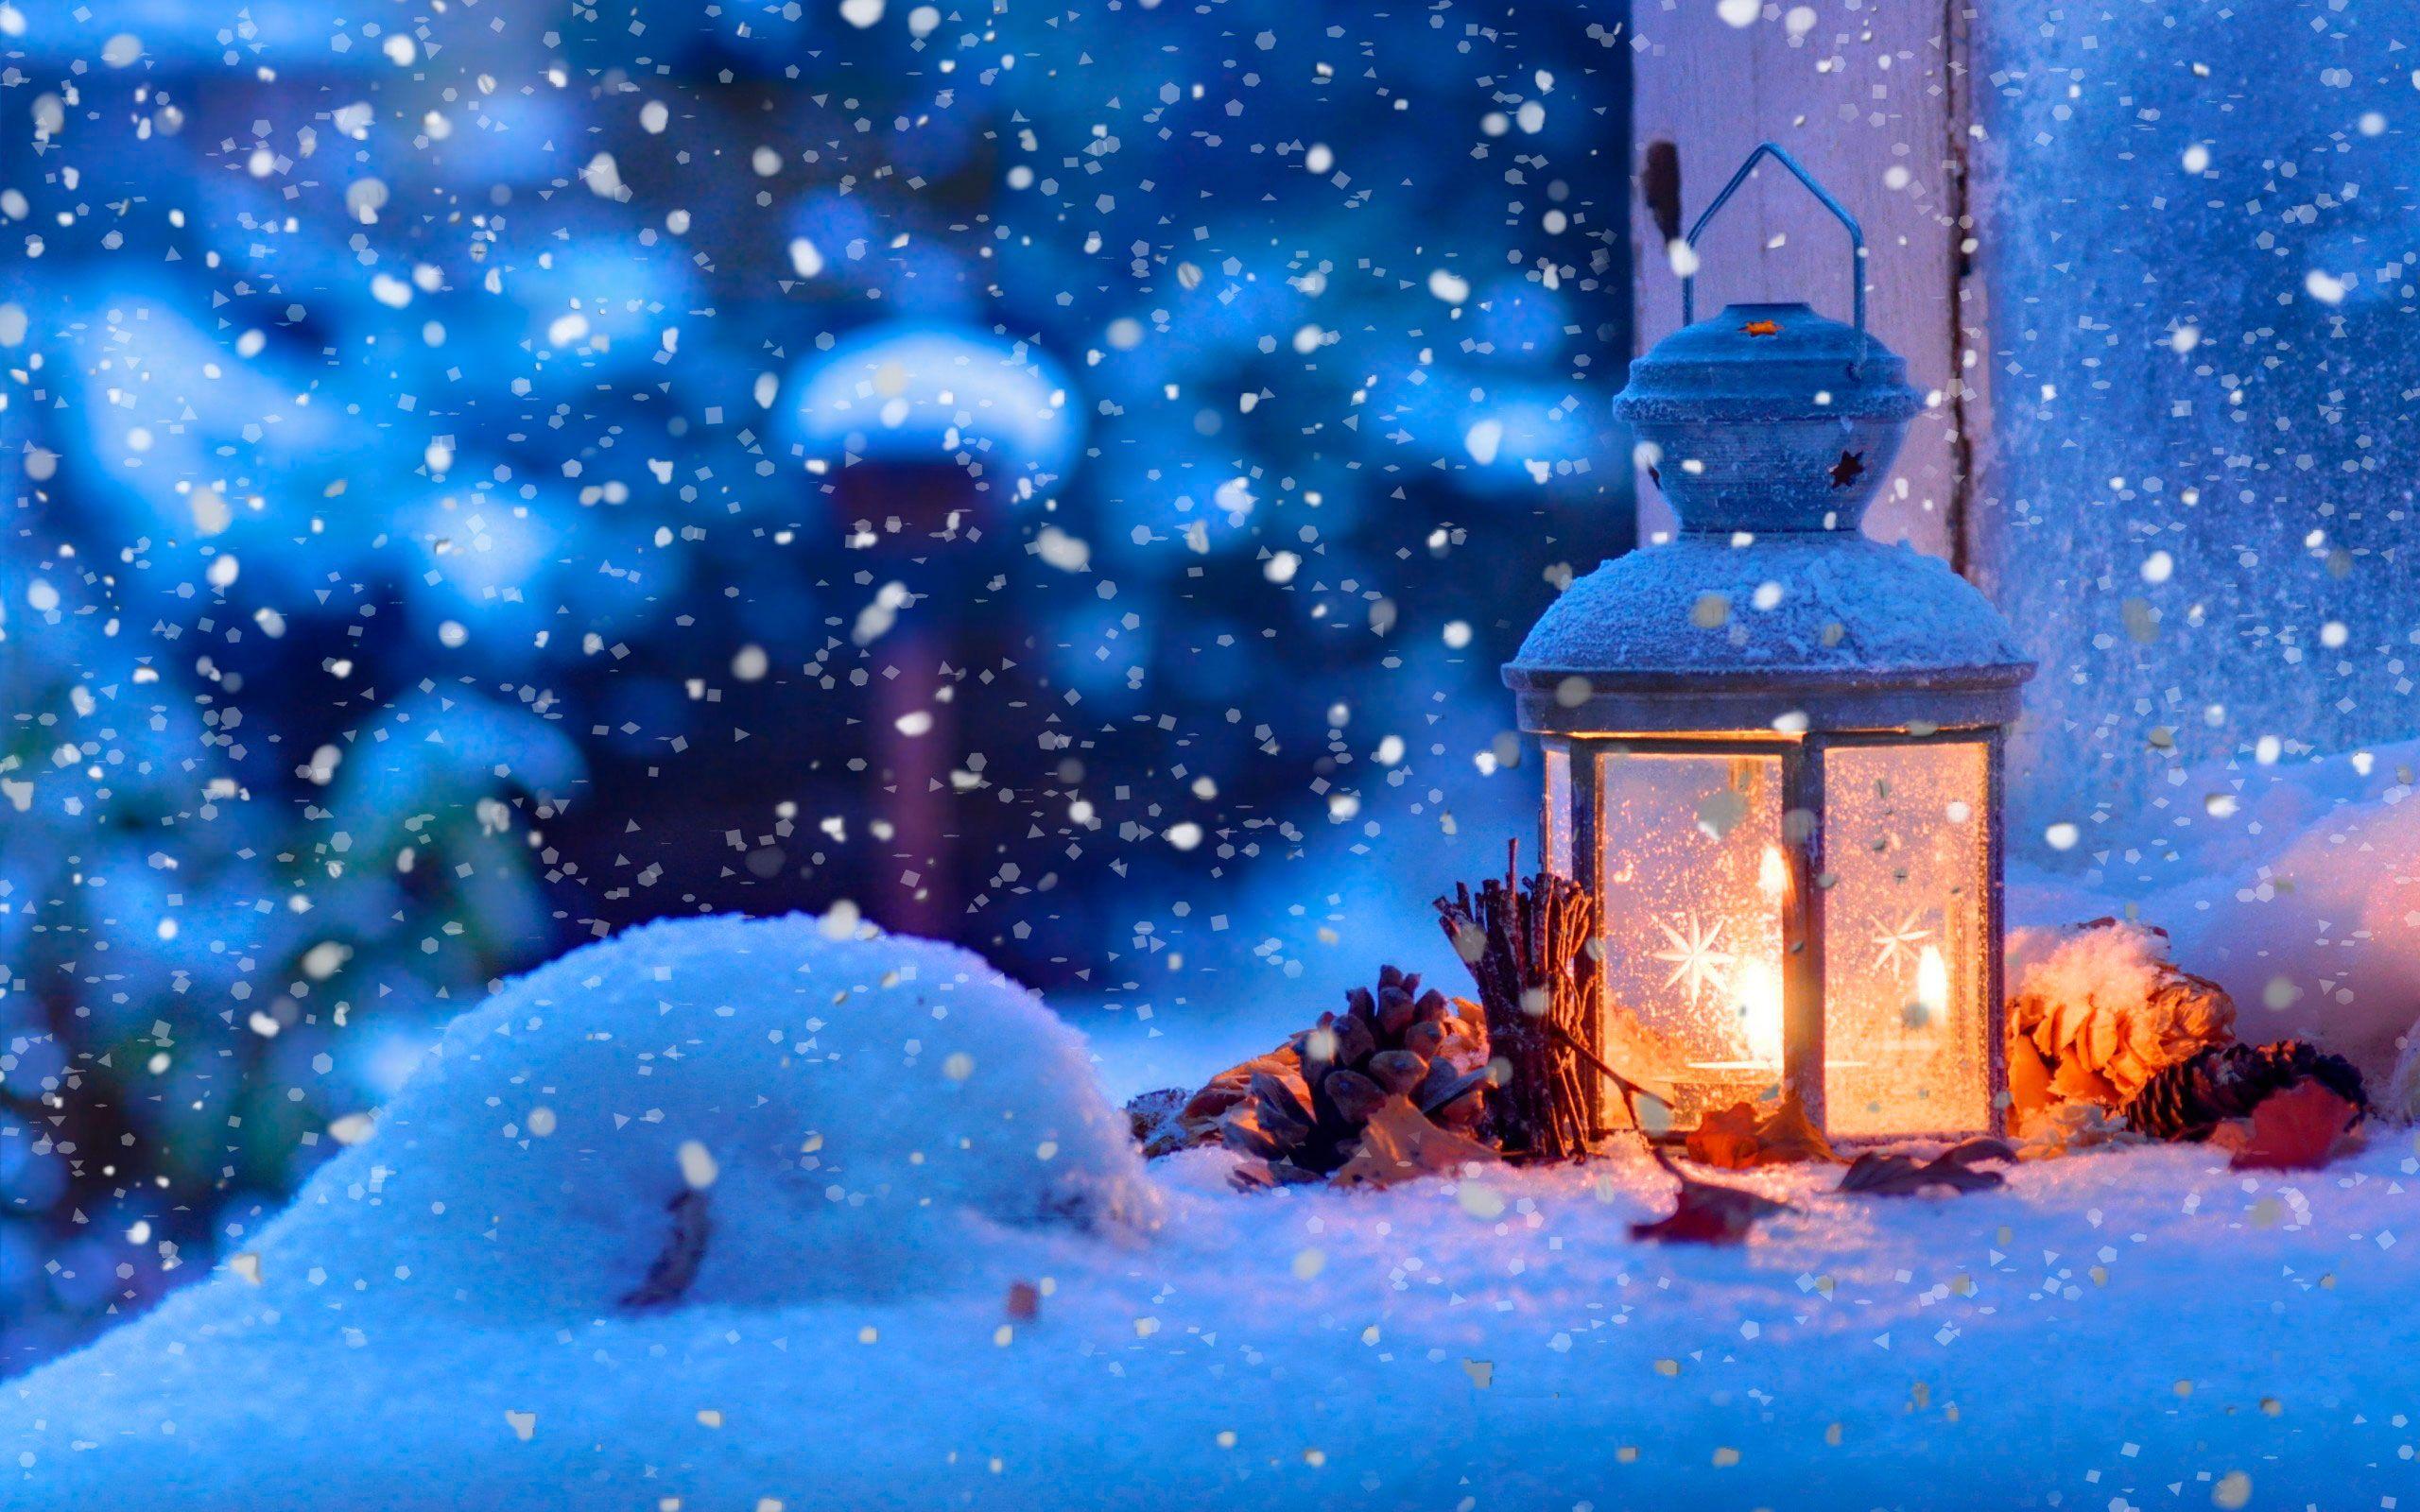 Красивые картинки зимы на рабочий стол в хорошем качестве (25)